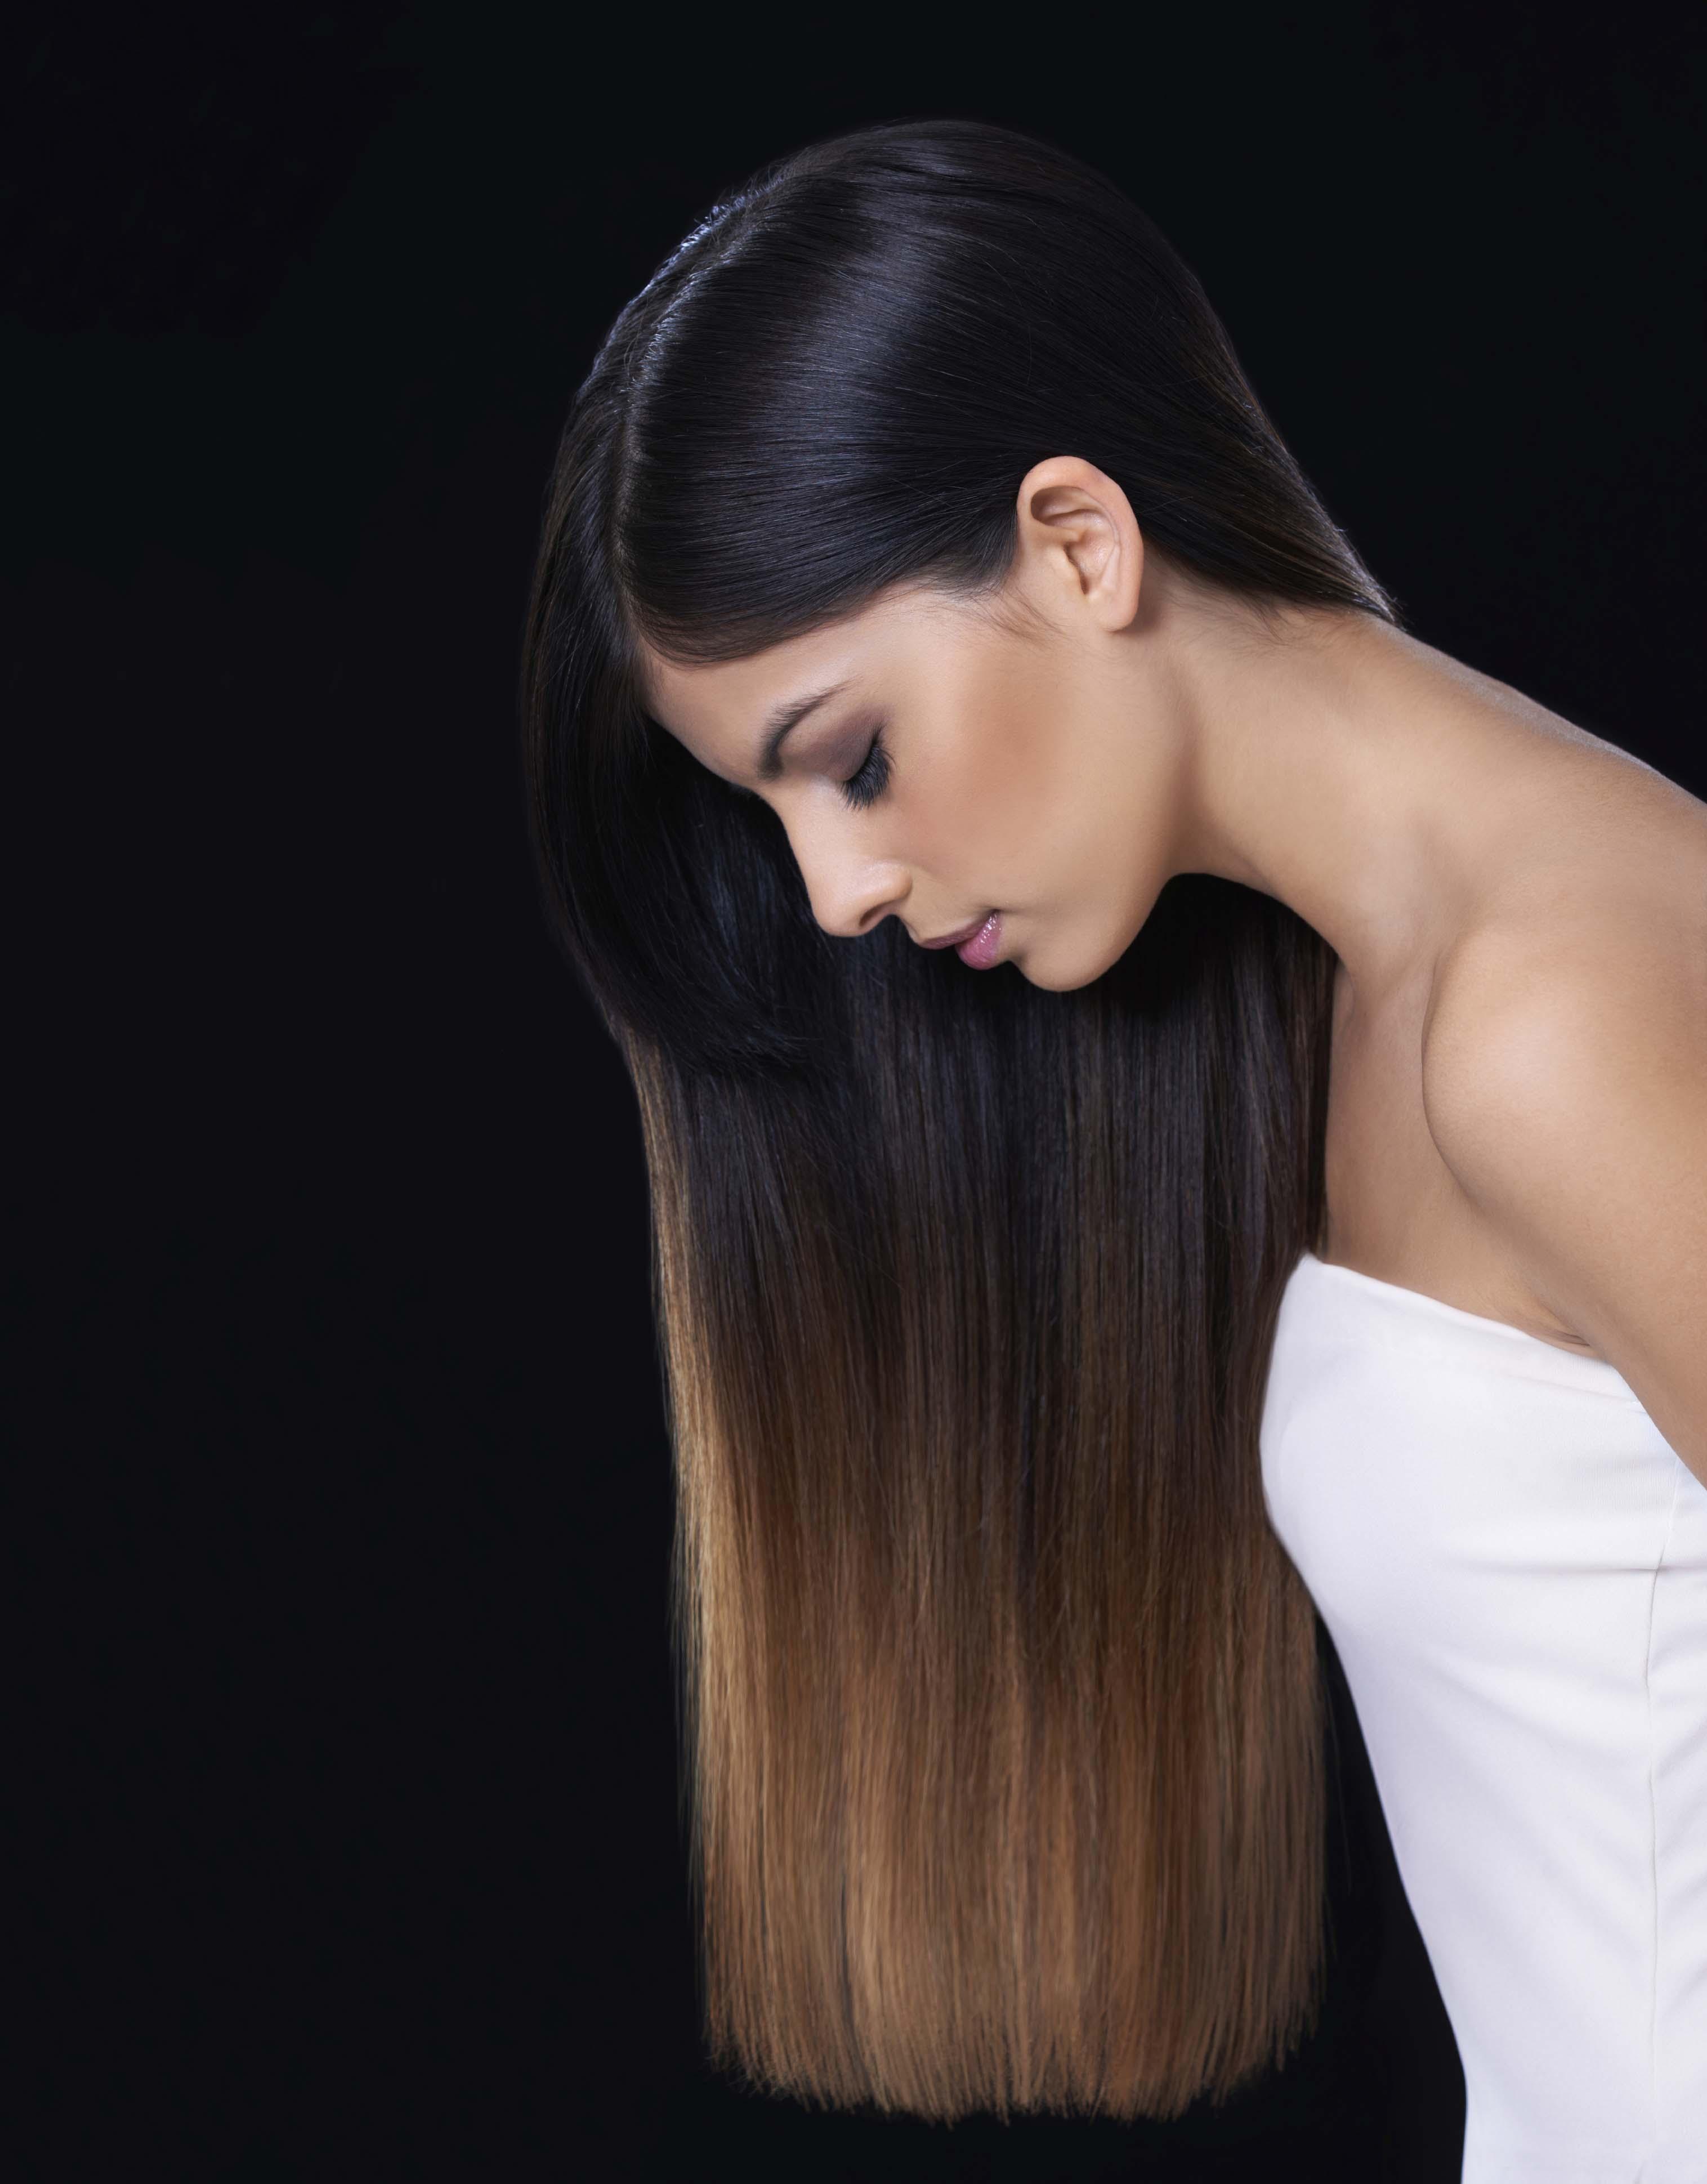 Mujer con balayage en cabello oscuro